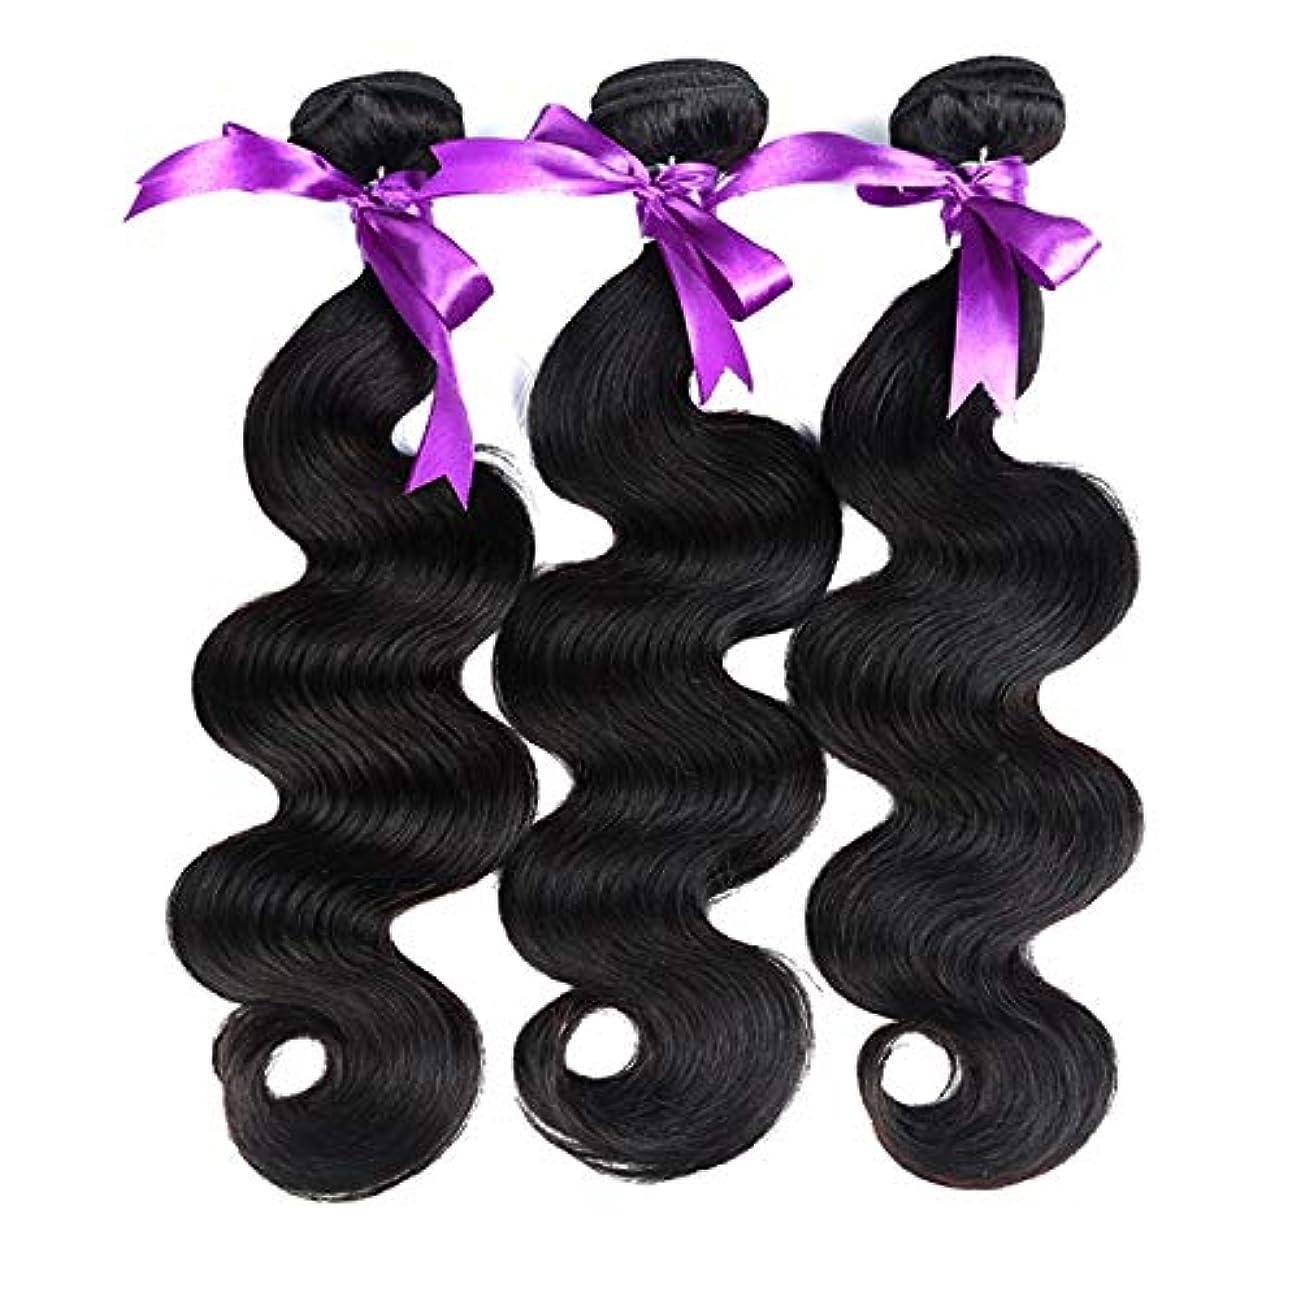 増加する透けて見える抽象化かつら ブラジルの体毛バンドル8-28インチ100%人間の髪織りレミー髪ナチュラルカラー3ピース体毛バンドル (Stretched Length : 10 12 12)